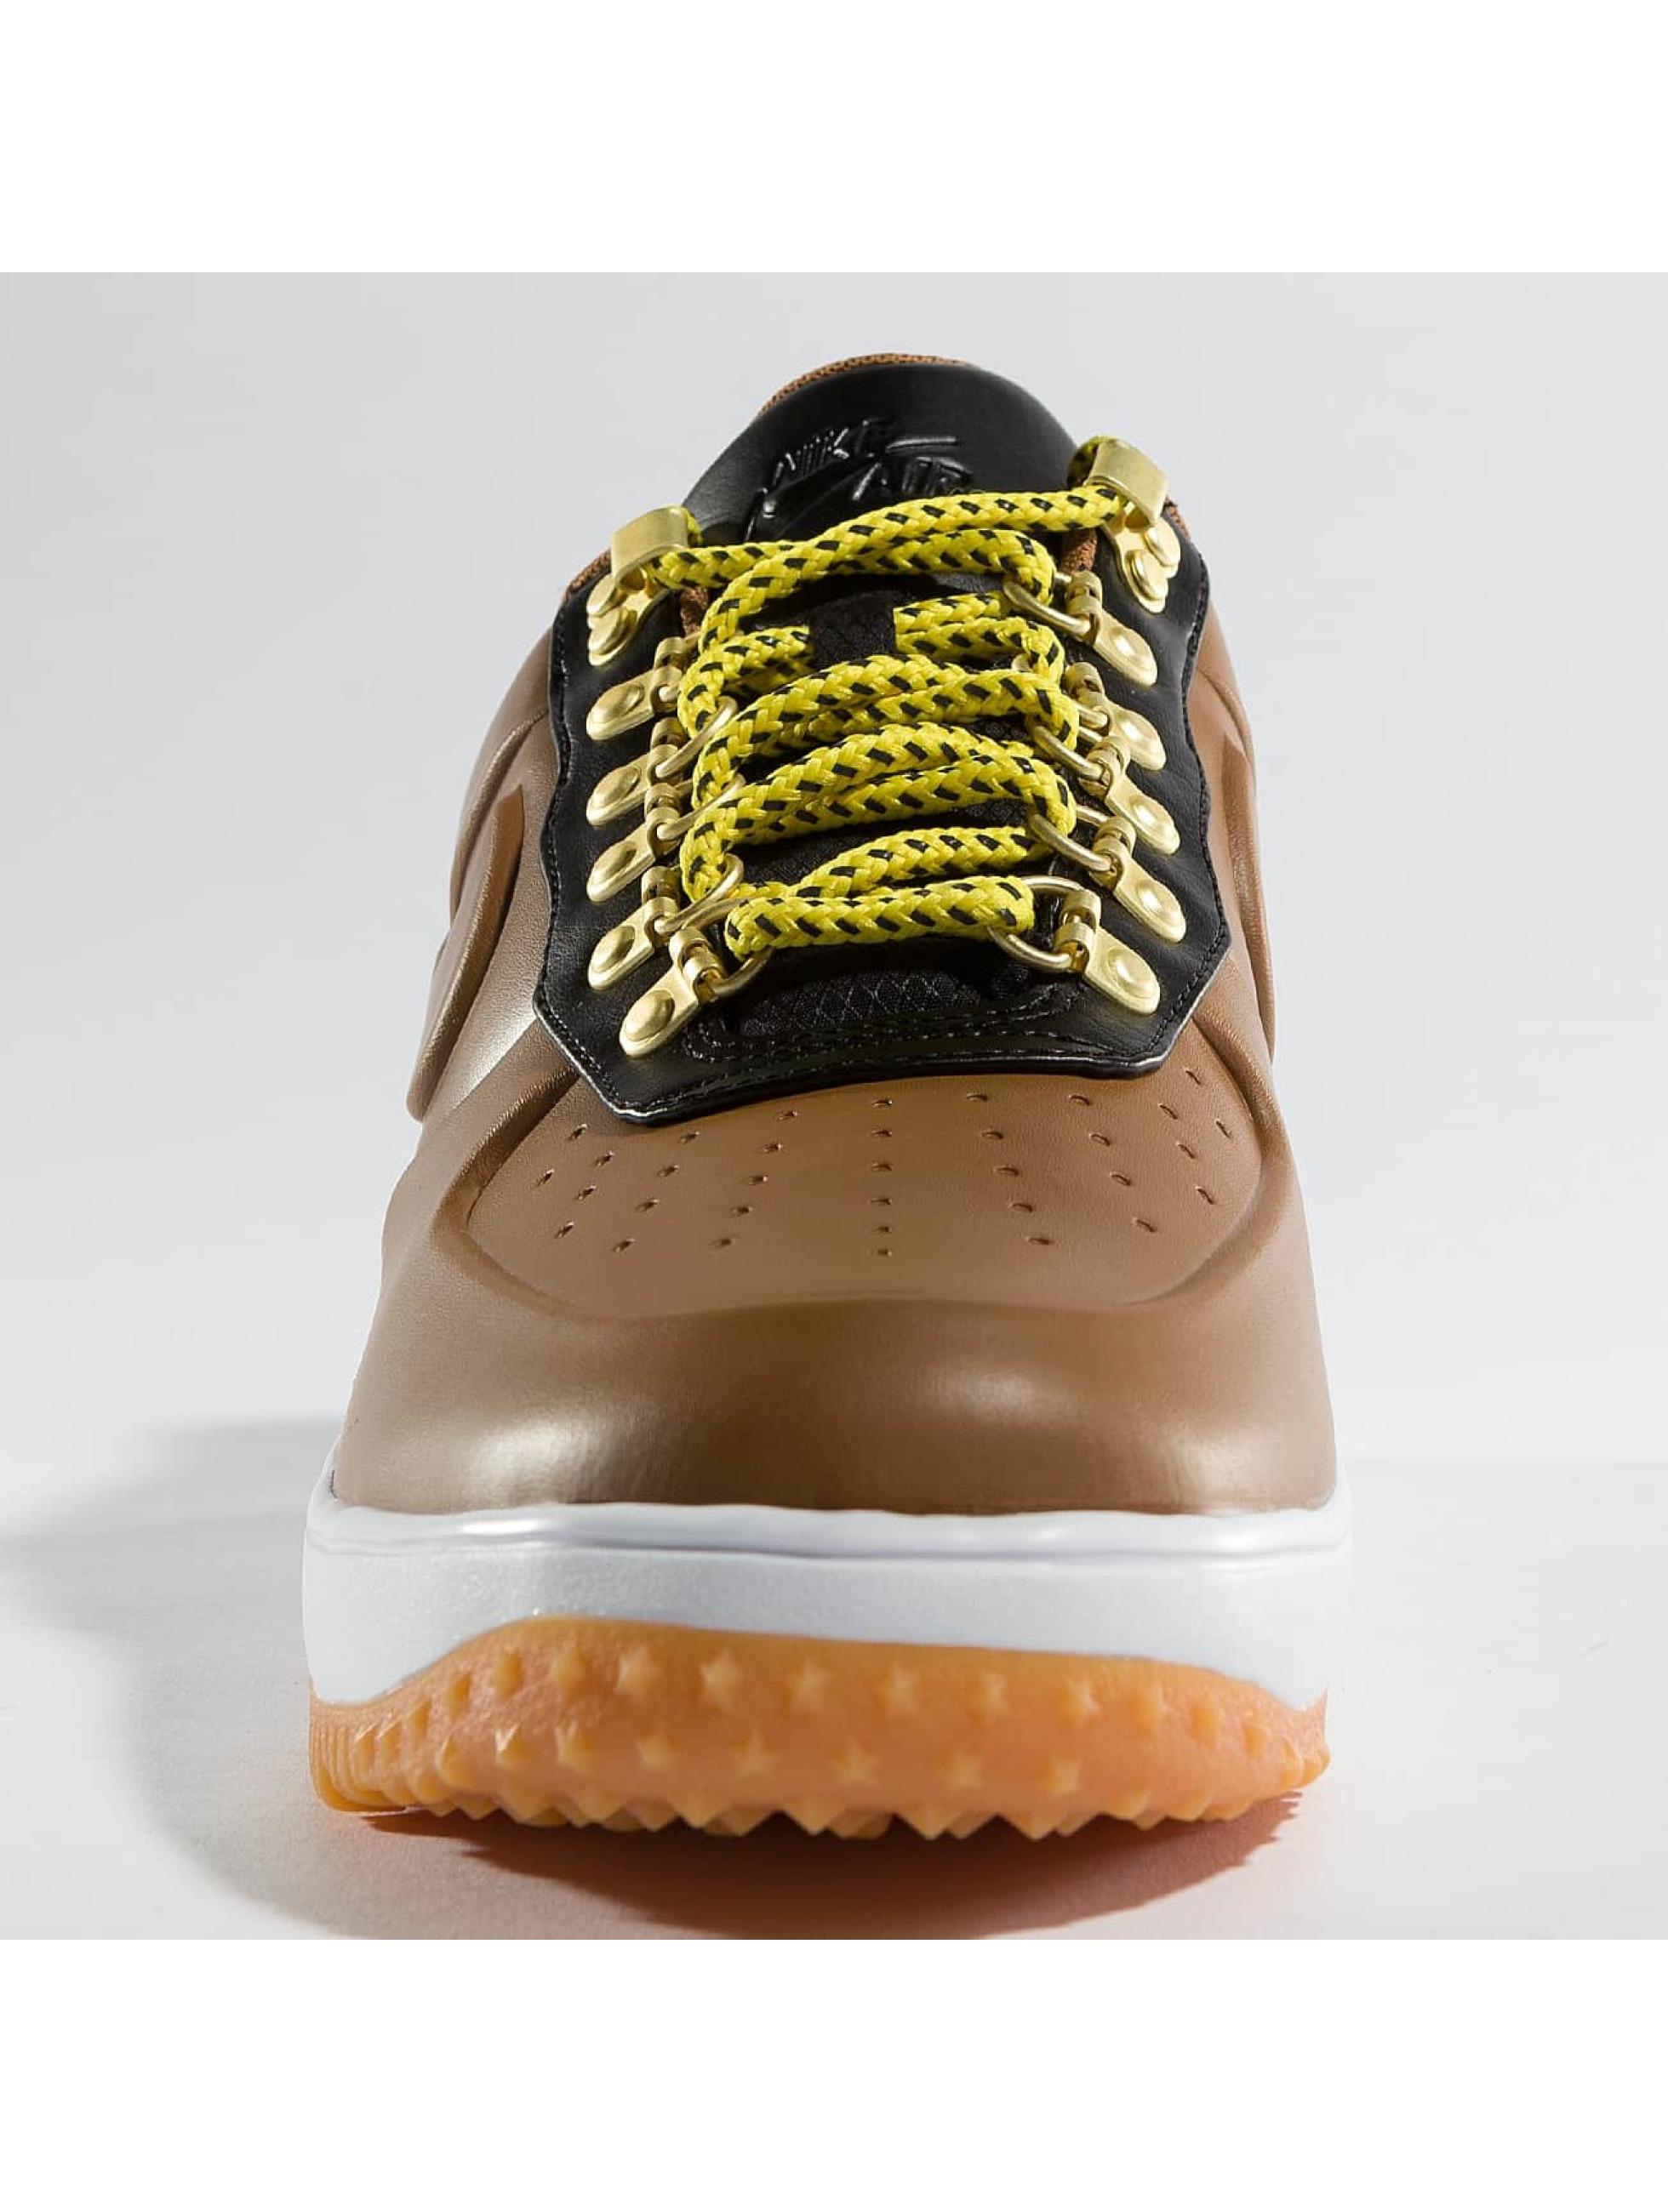 Nike Zapatillas de deporte Lunar Force 1 Low Duckboot marrón